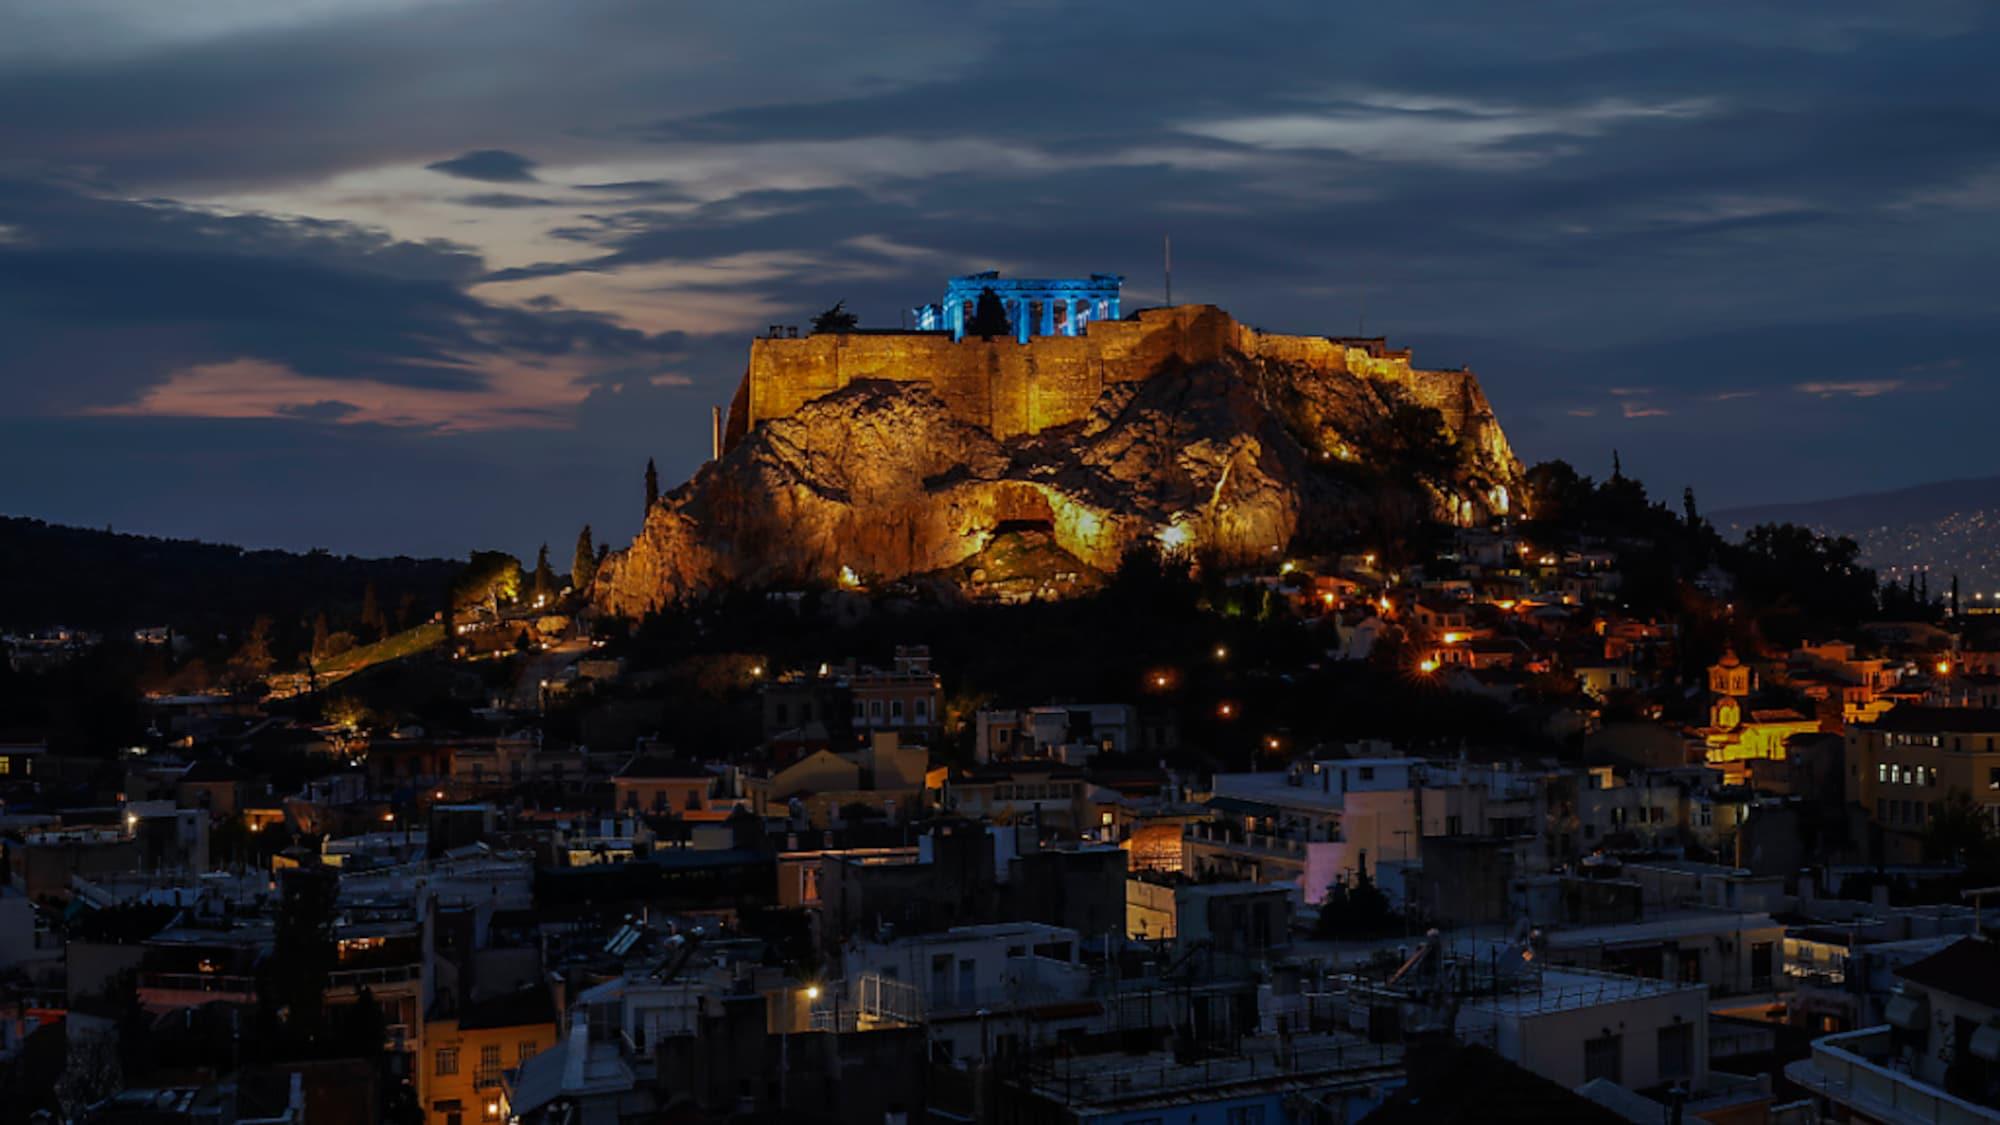 Griechenland: Fitch stuft Griechenland nach oben - Ausblick positiv